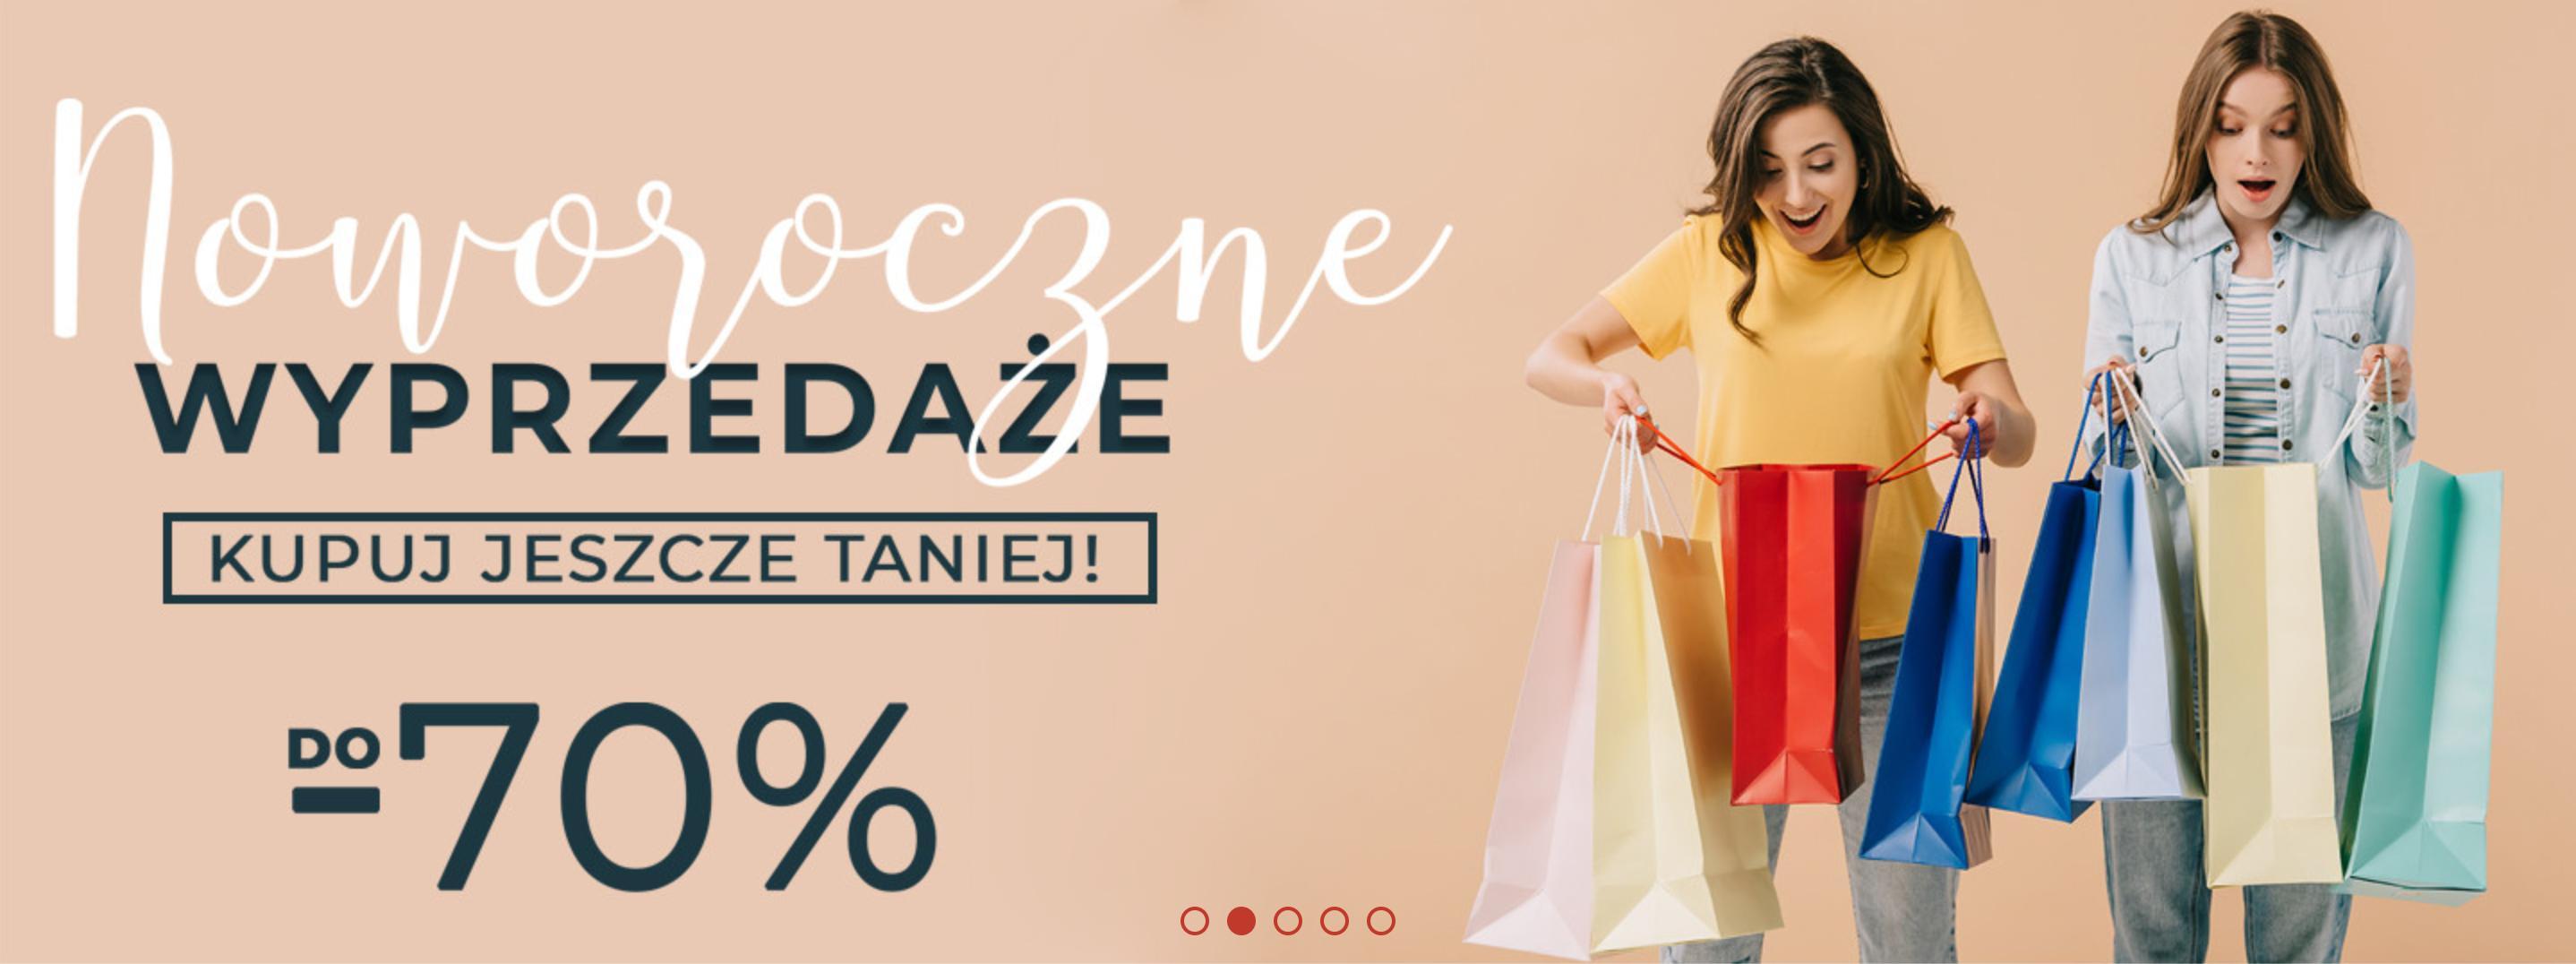 Wizaz24: wyprzedaż do 70% rabatu na kosmetyki do makijażu, do pielęgnacji twarzy, ciała i włosów oraz perfumy